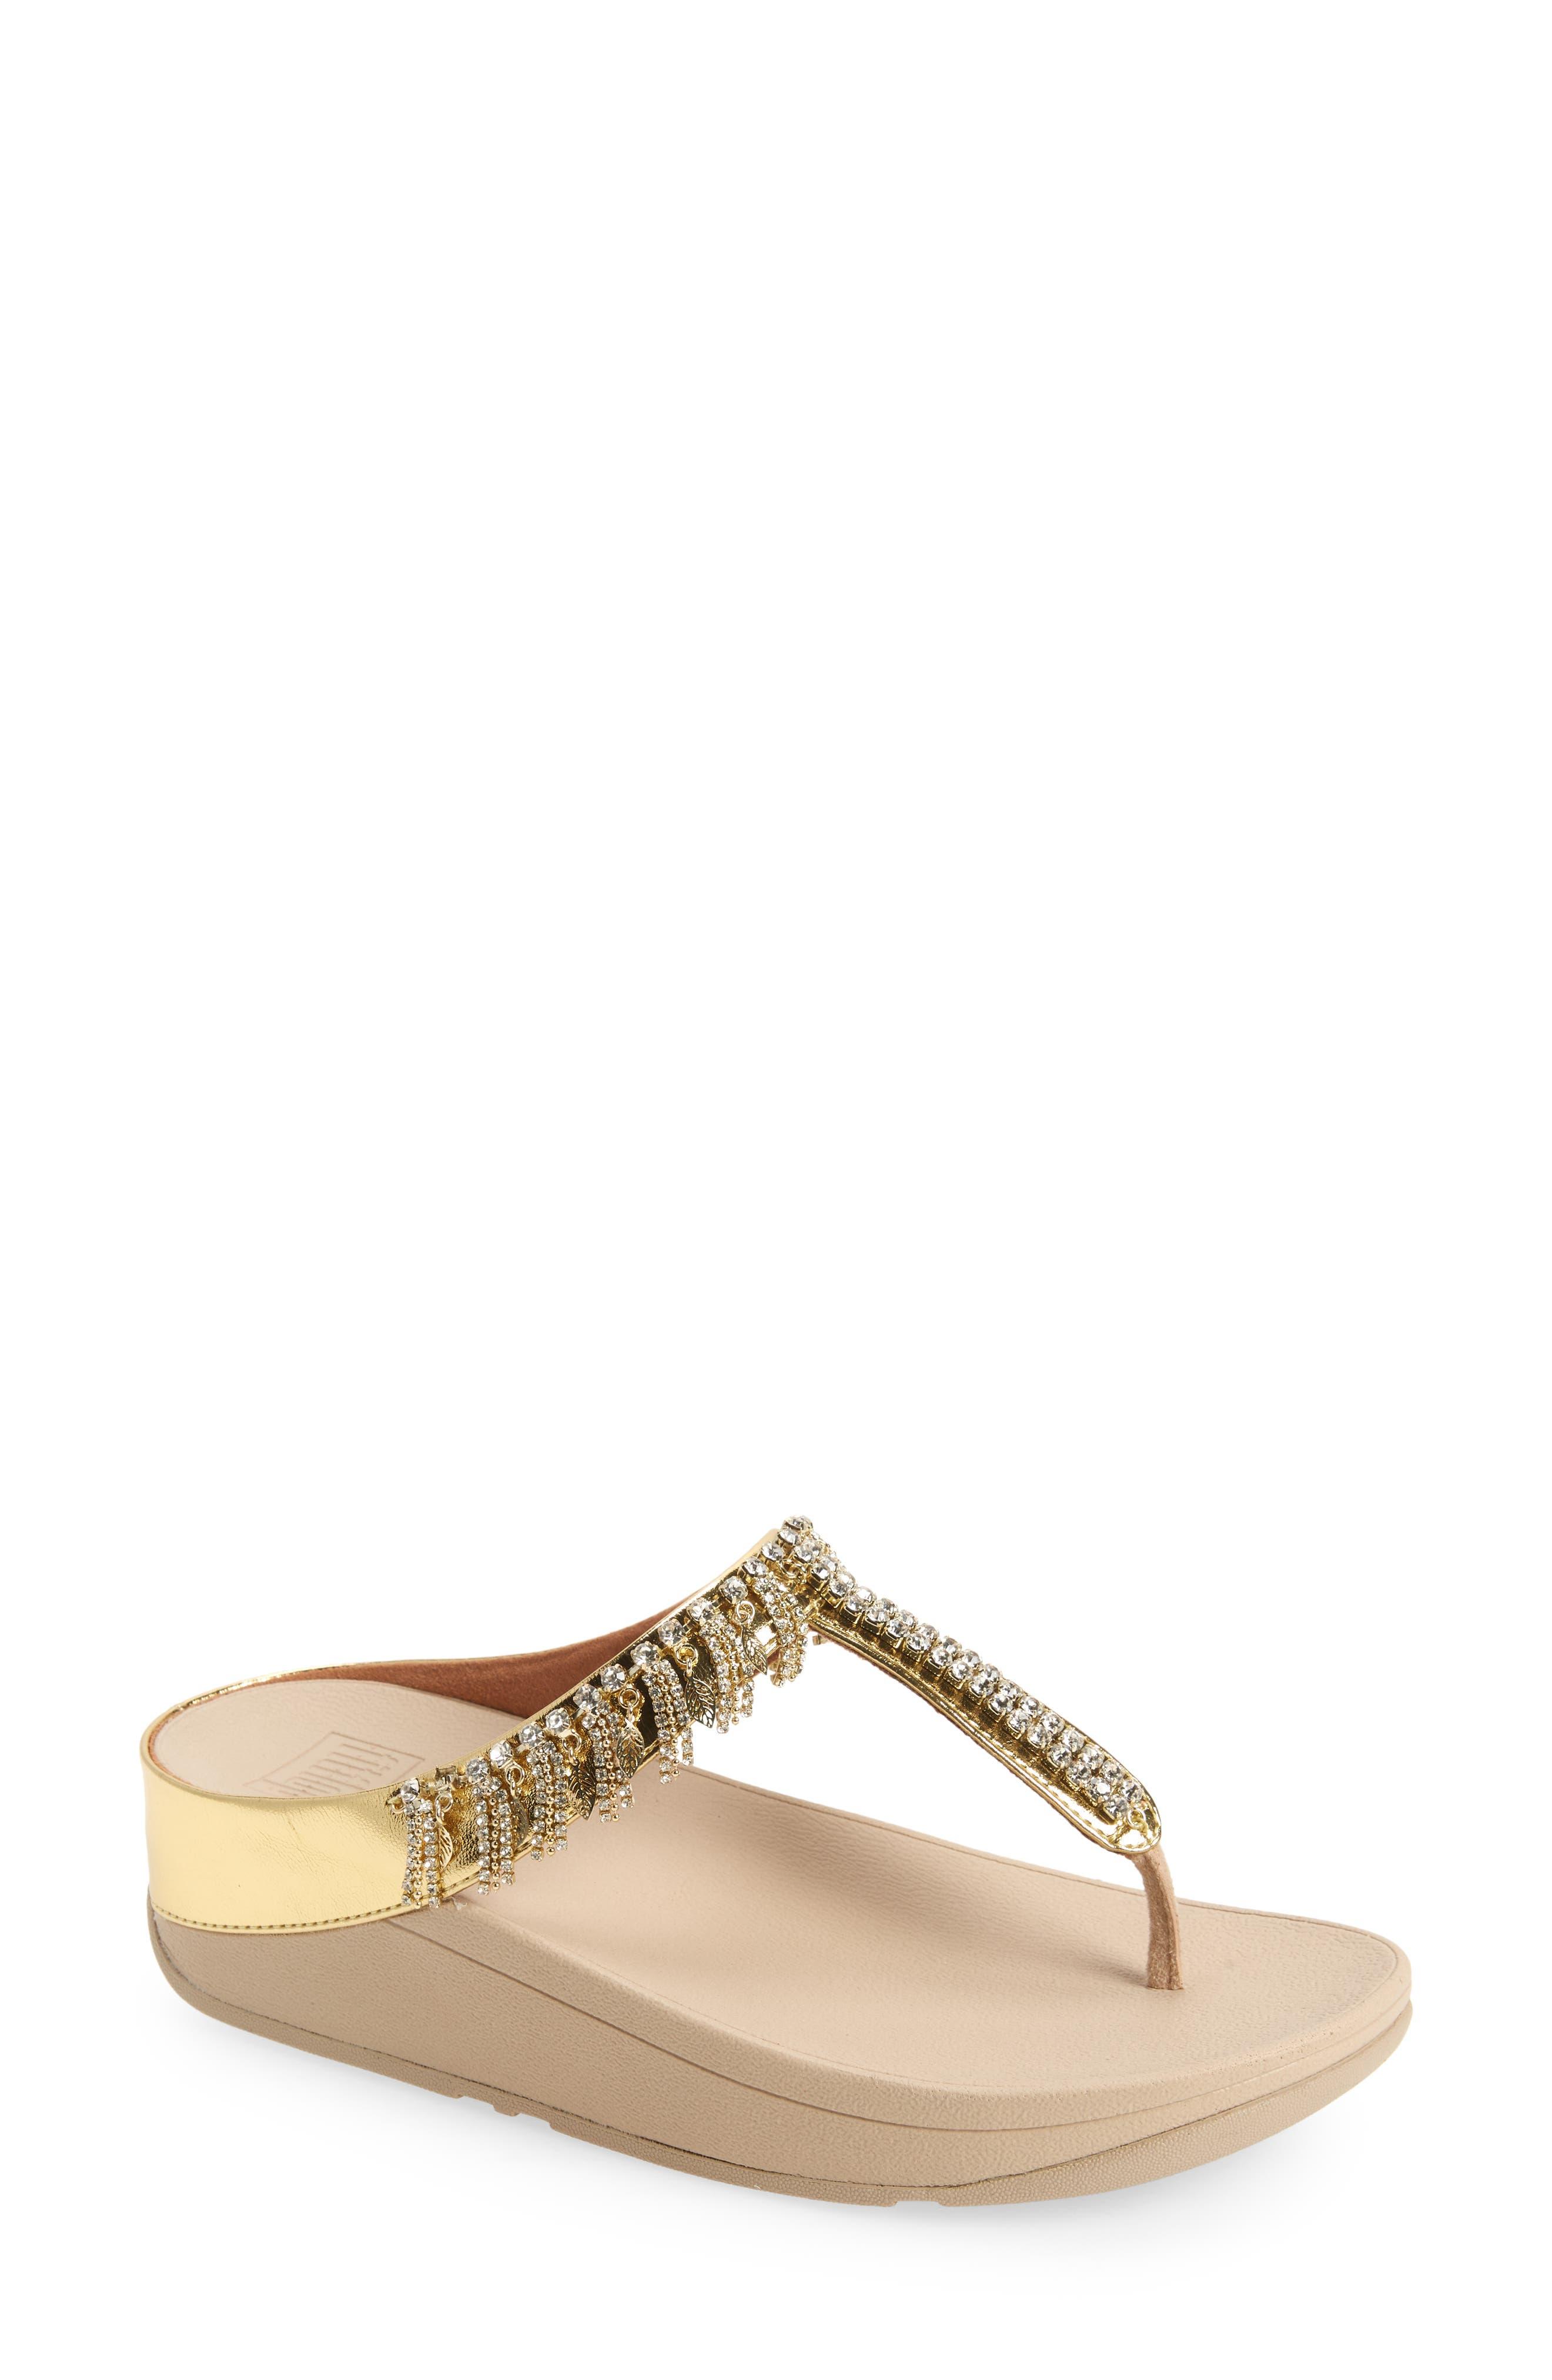 Fino Embellished Flip Flop